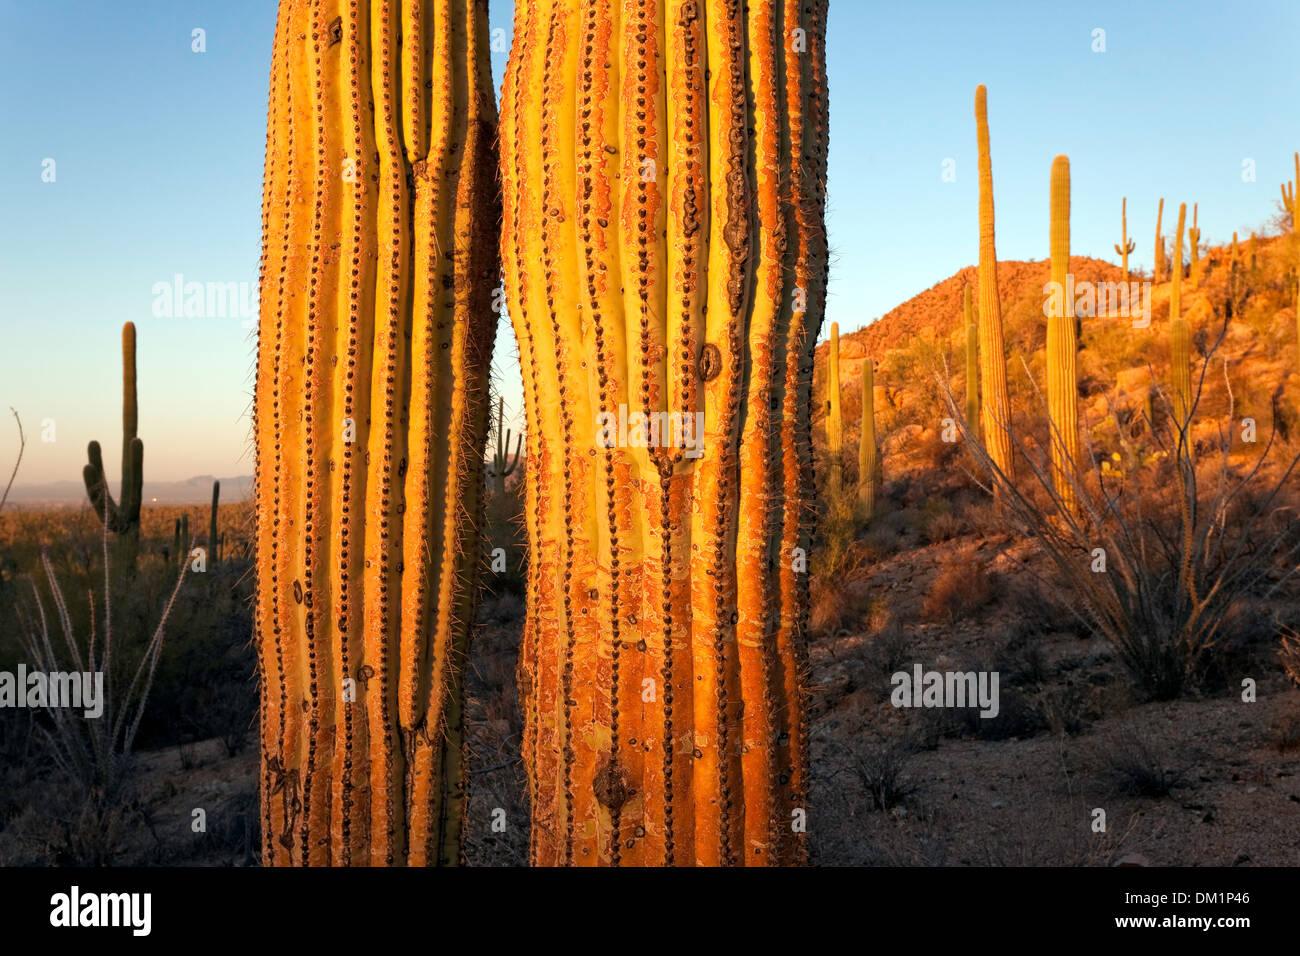 Gigantischen Saguaro Kaktus (Carnegiea gigantea), Saguaro National Park West Einheit, Tucson, Arizona Stockbild